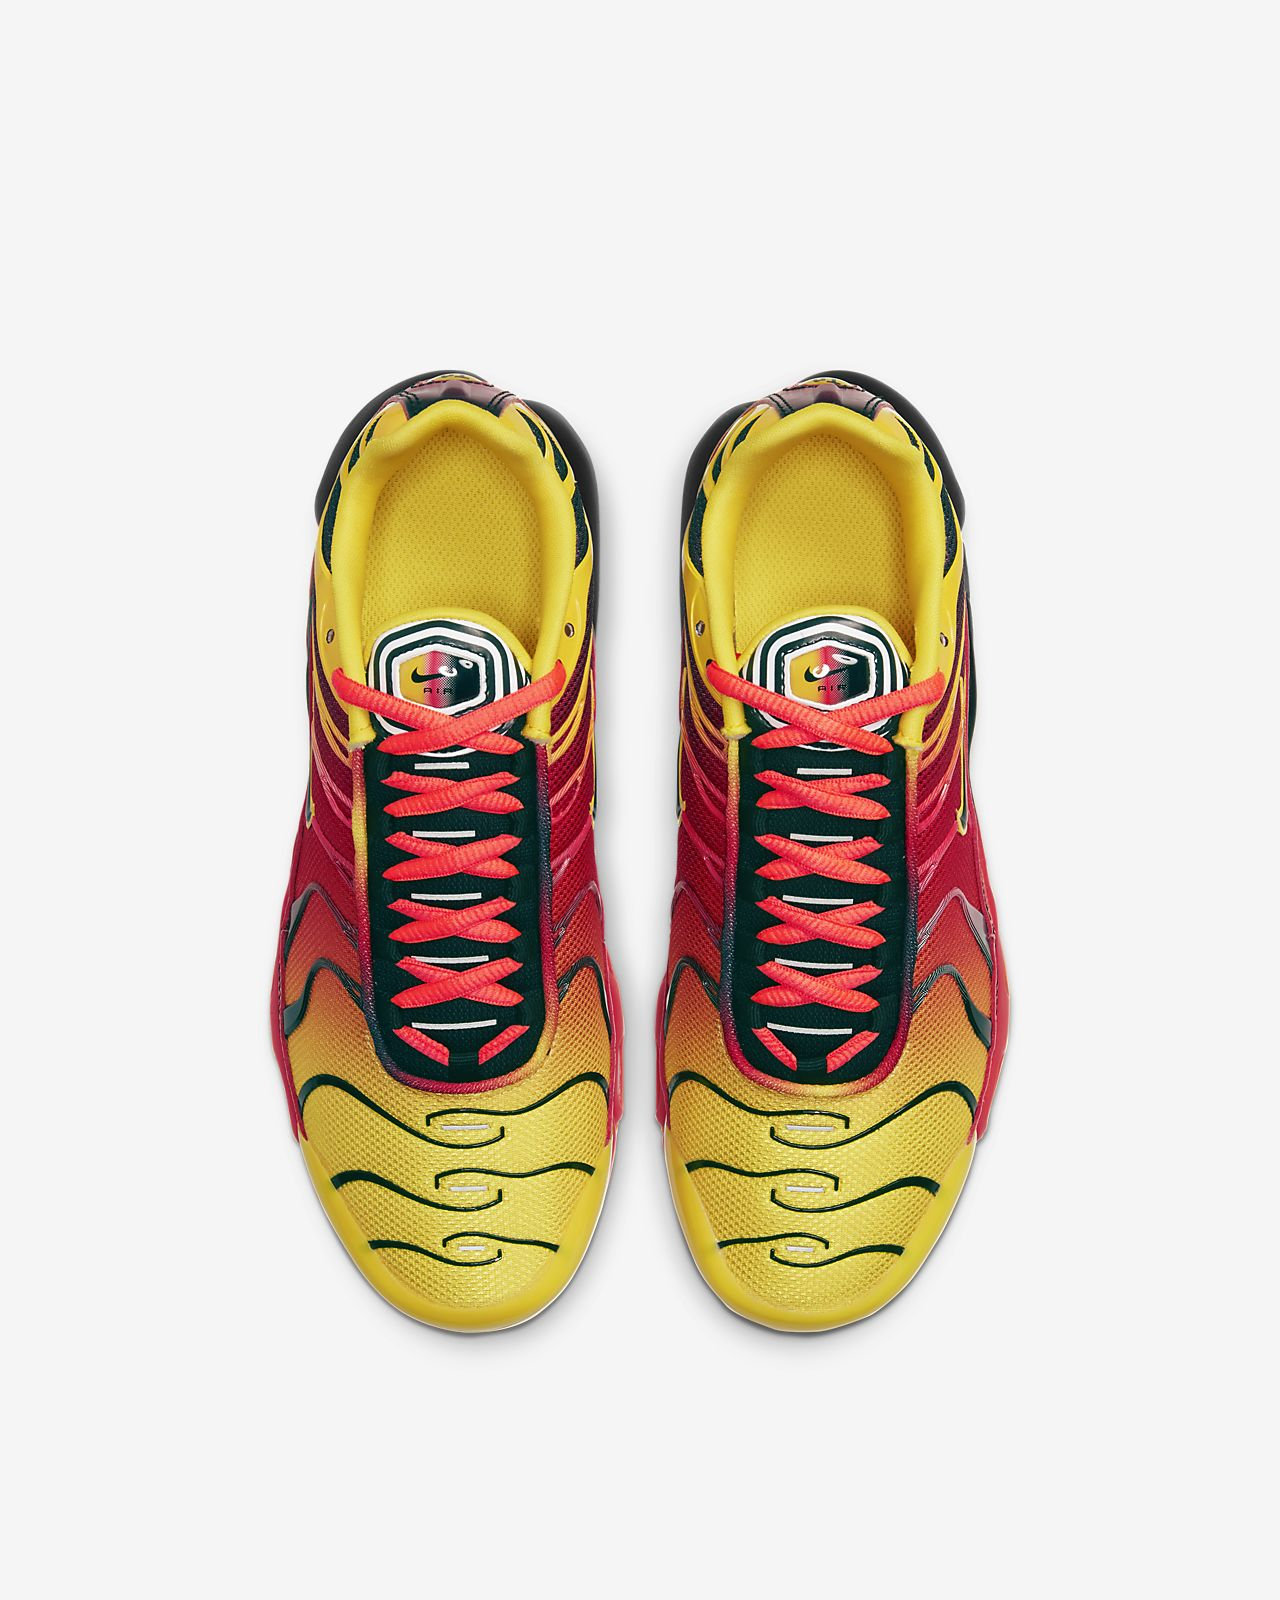 Nike Air Max Plus QS Schuh für ältere Kinder